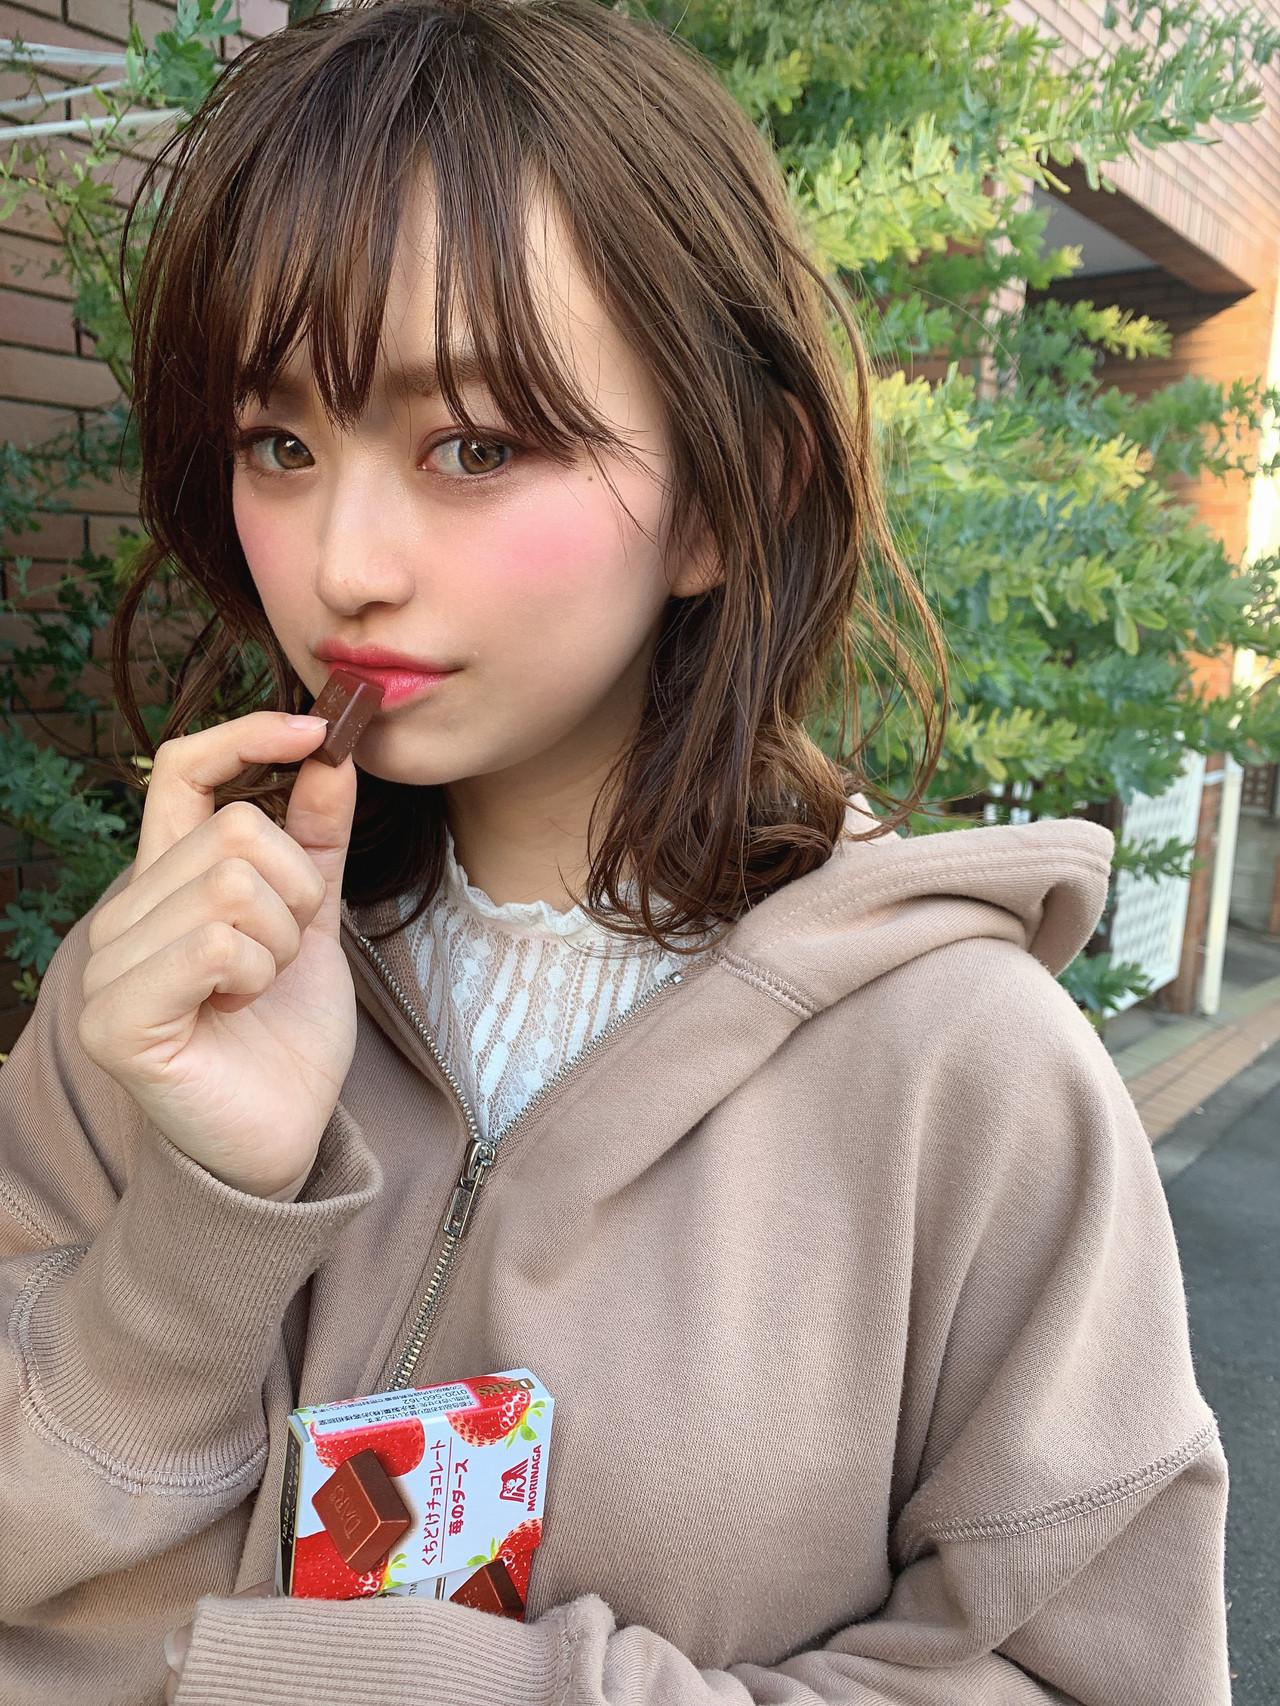 ボブアレンジ ボブヘアー 外ハネボブ アンニュイほつれヘア ヘアスタイルや髪型の写真・画像   SHIGERU/BABY上野 / BABY